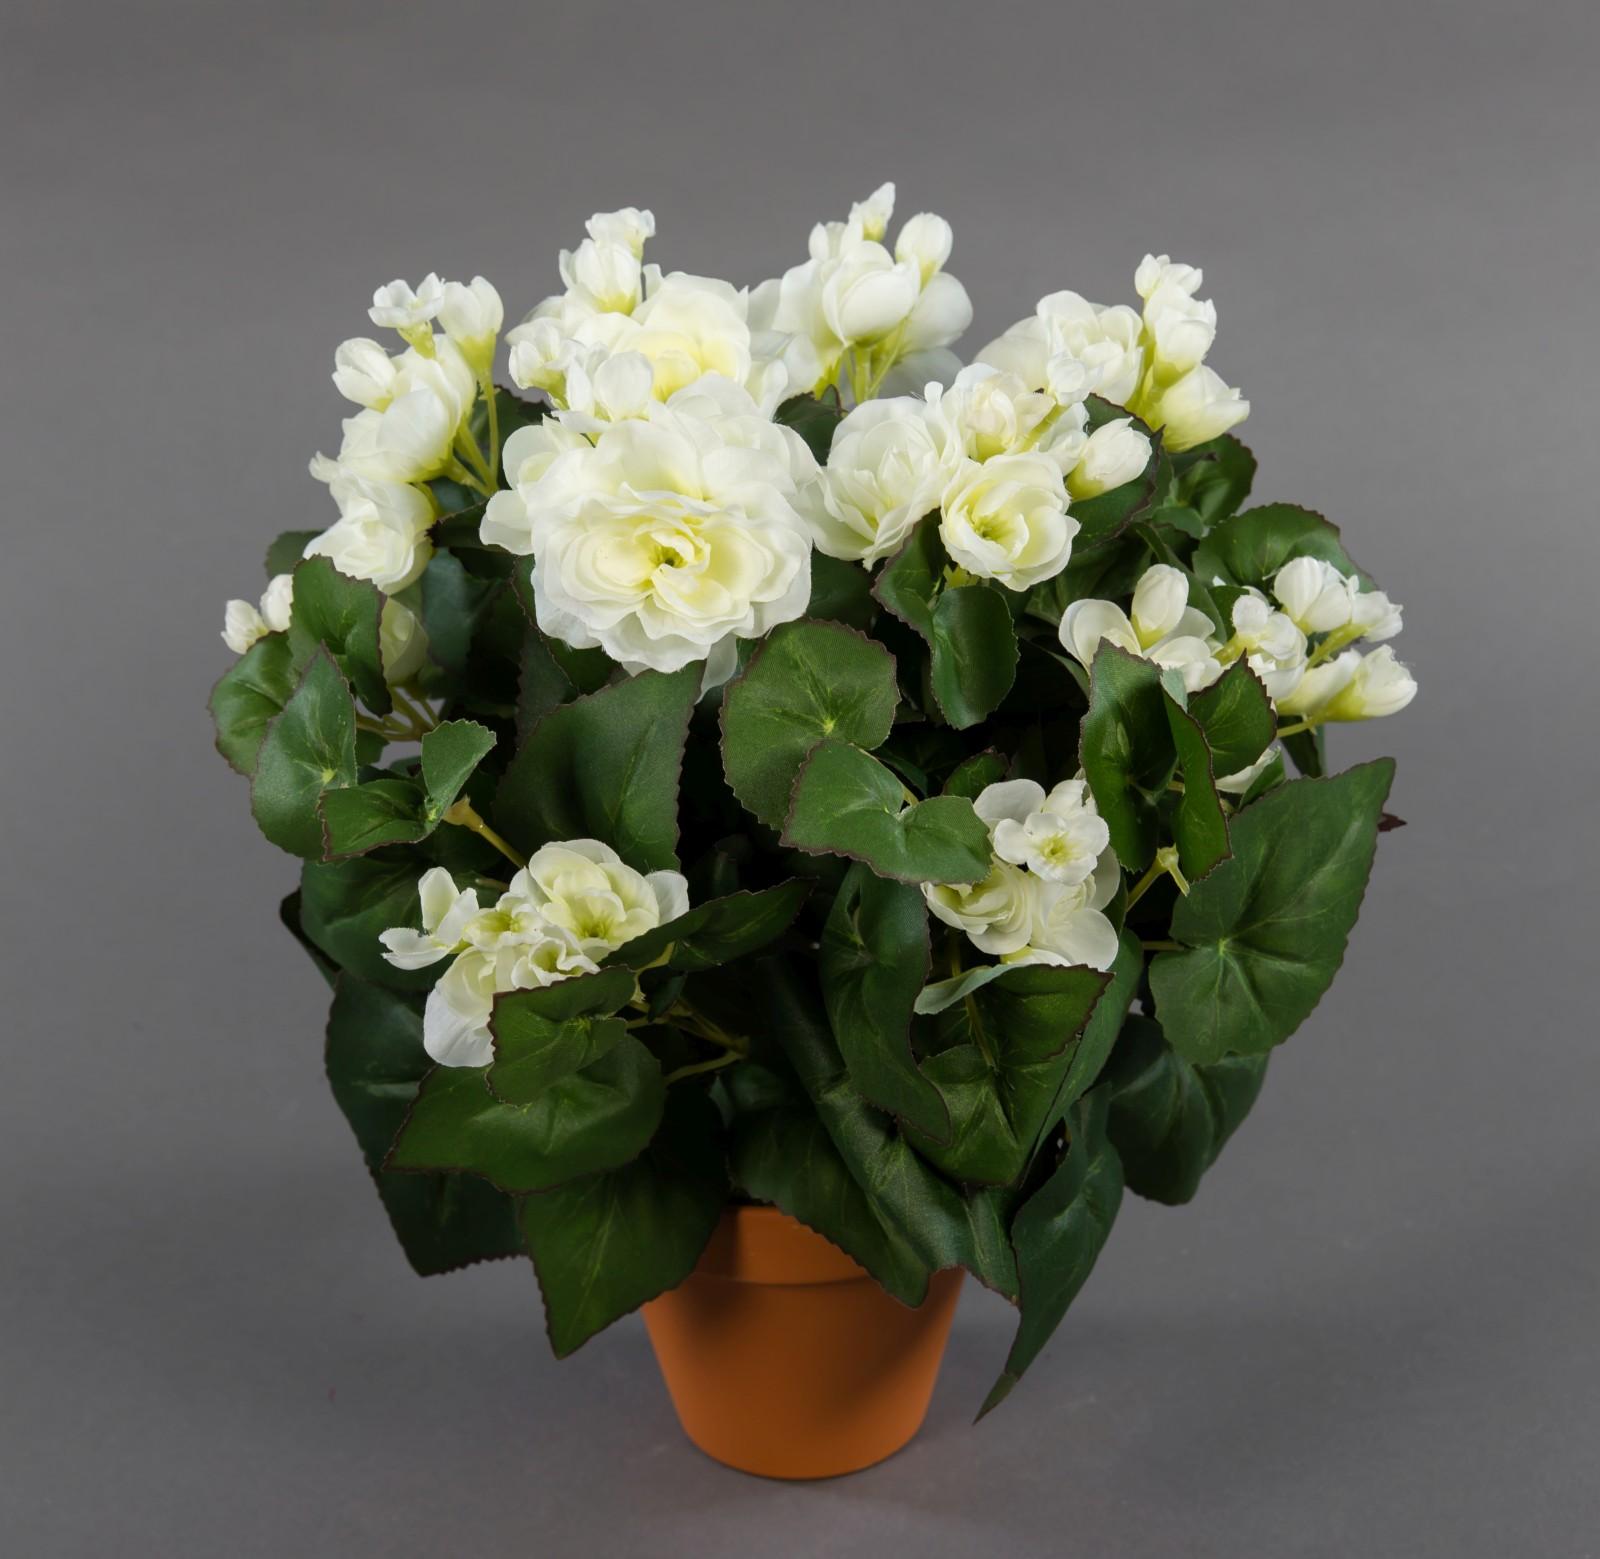 gro e begonie 32cm wei im topf lm kunstpflanzen k nstliche pflanzen kunstblumen begonienbusch. Black Bedroom Furniture Sets. Home Design Ideas